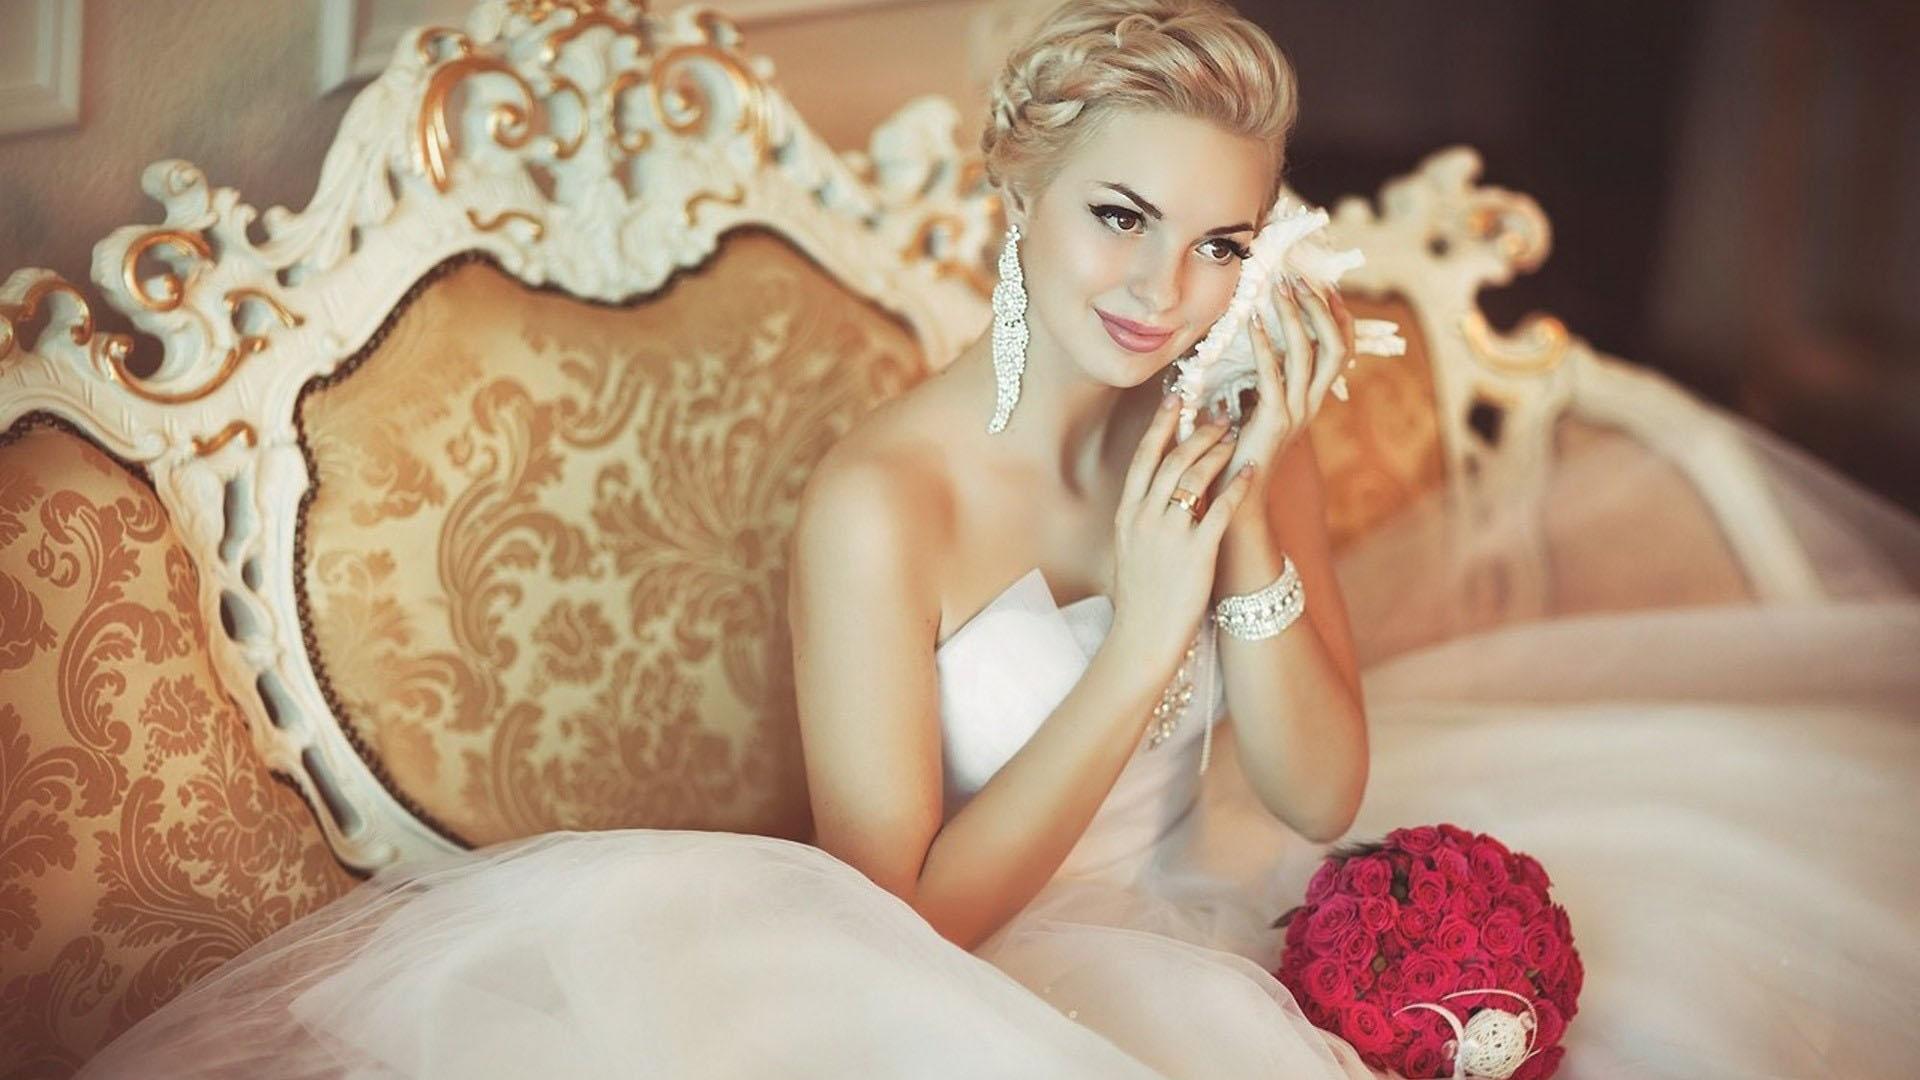 wedding women wallpaper